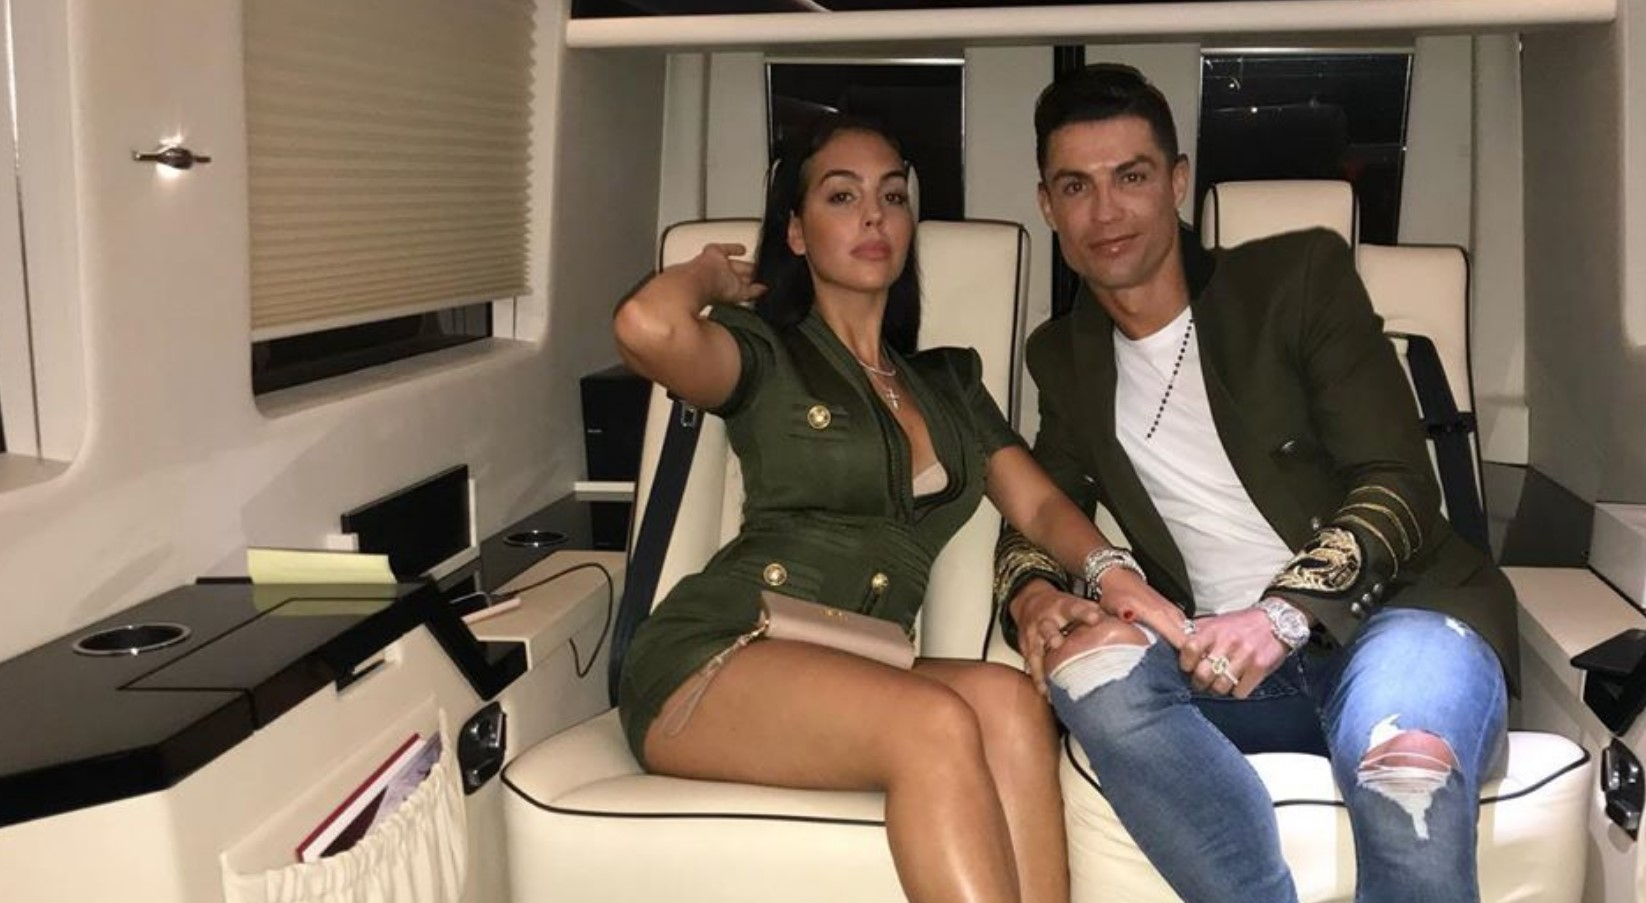 Ronaldo dhe Georgina po kujdesen për fizikun e tyre duke ushtruar së bashku në shtëpi